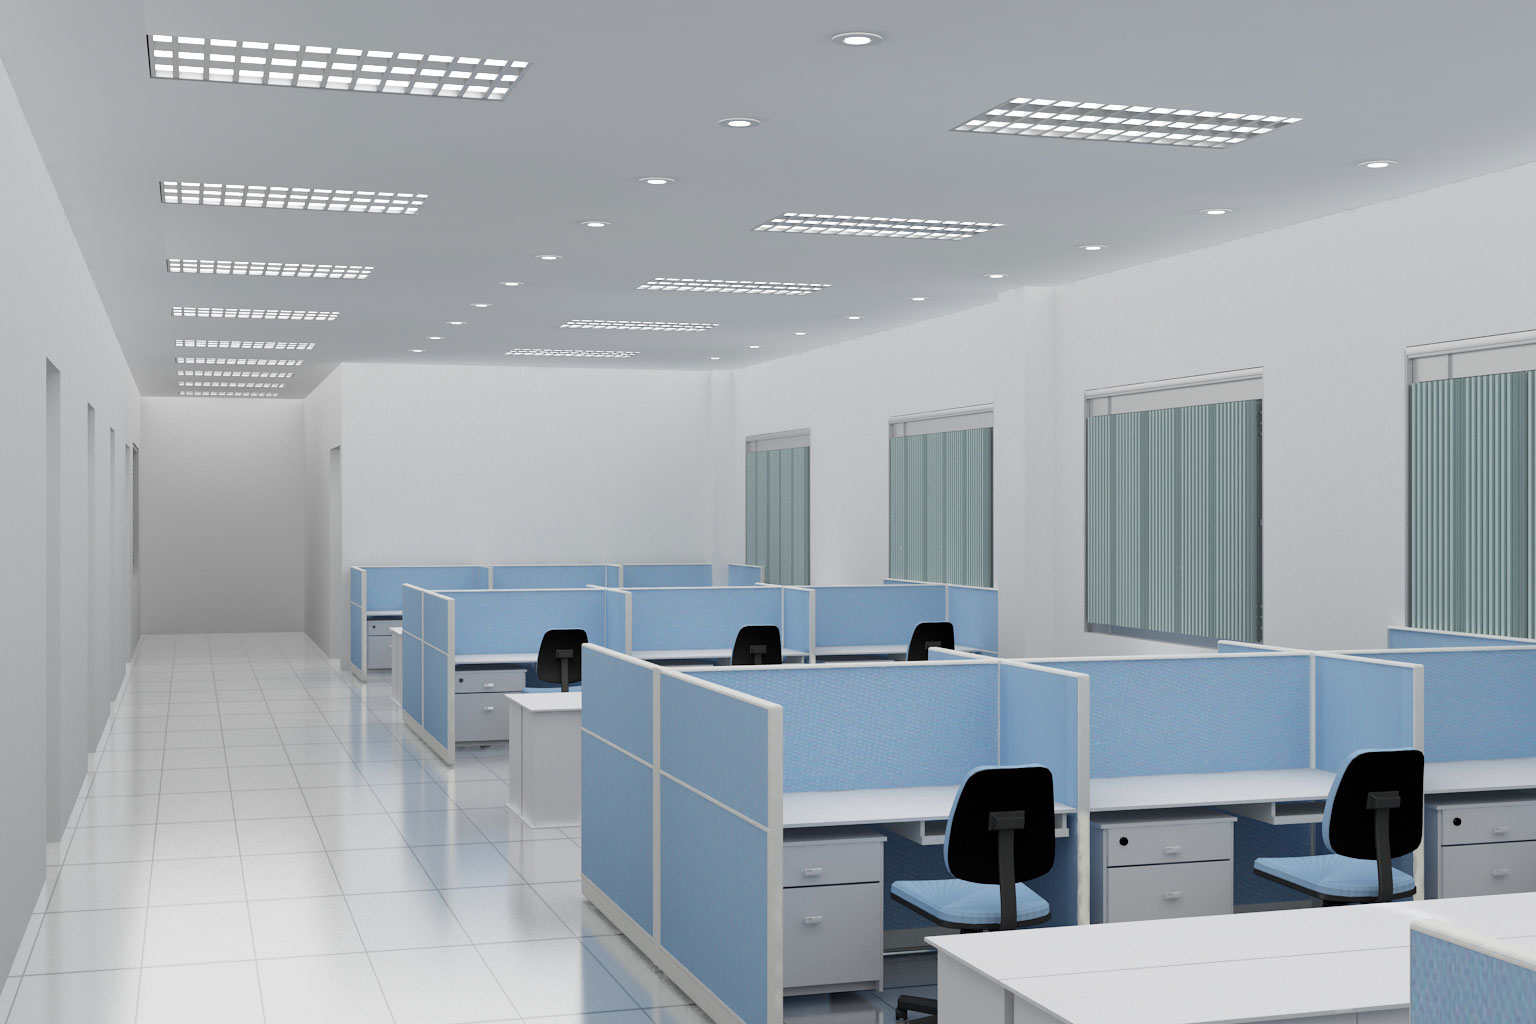 Vách ngăn nỉ – Vách ngăn nỉ văn phòng giá rẻ tại TPHCM